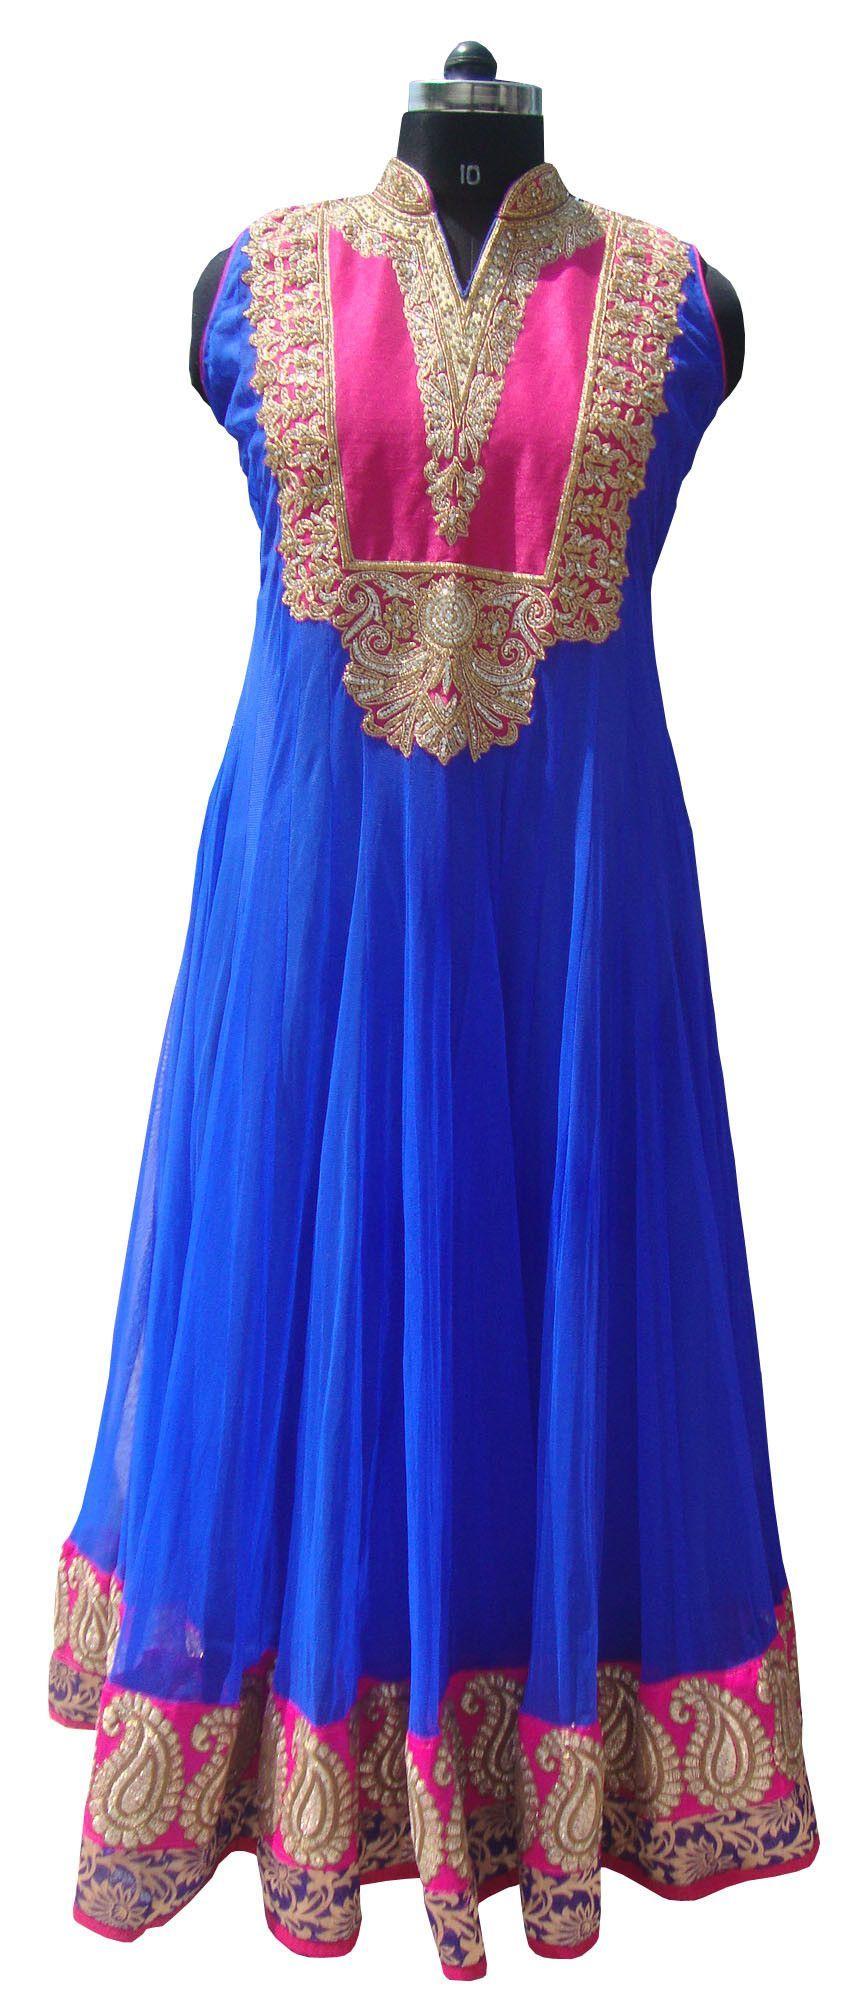 Royal blue color floor length anarkali salwar kameez